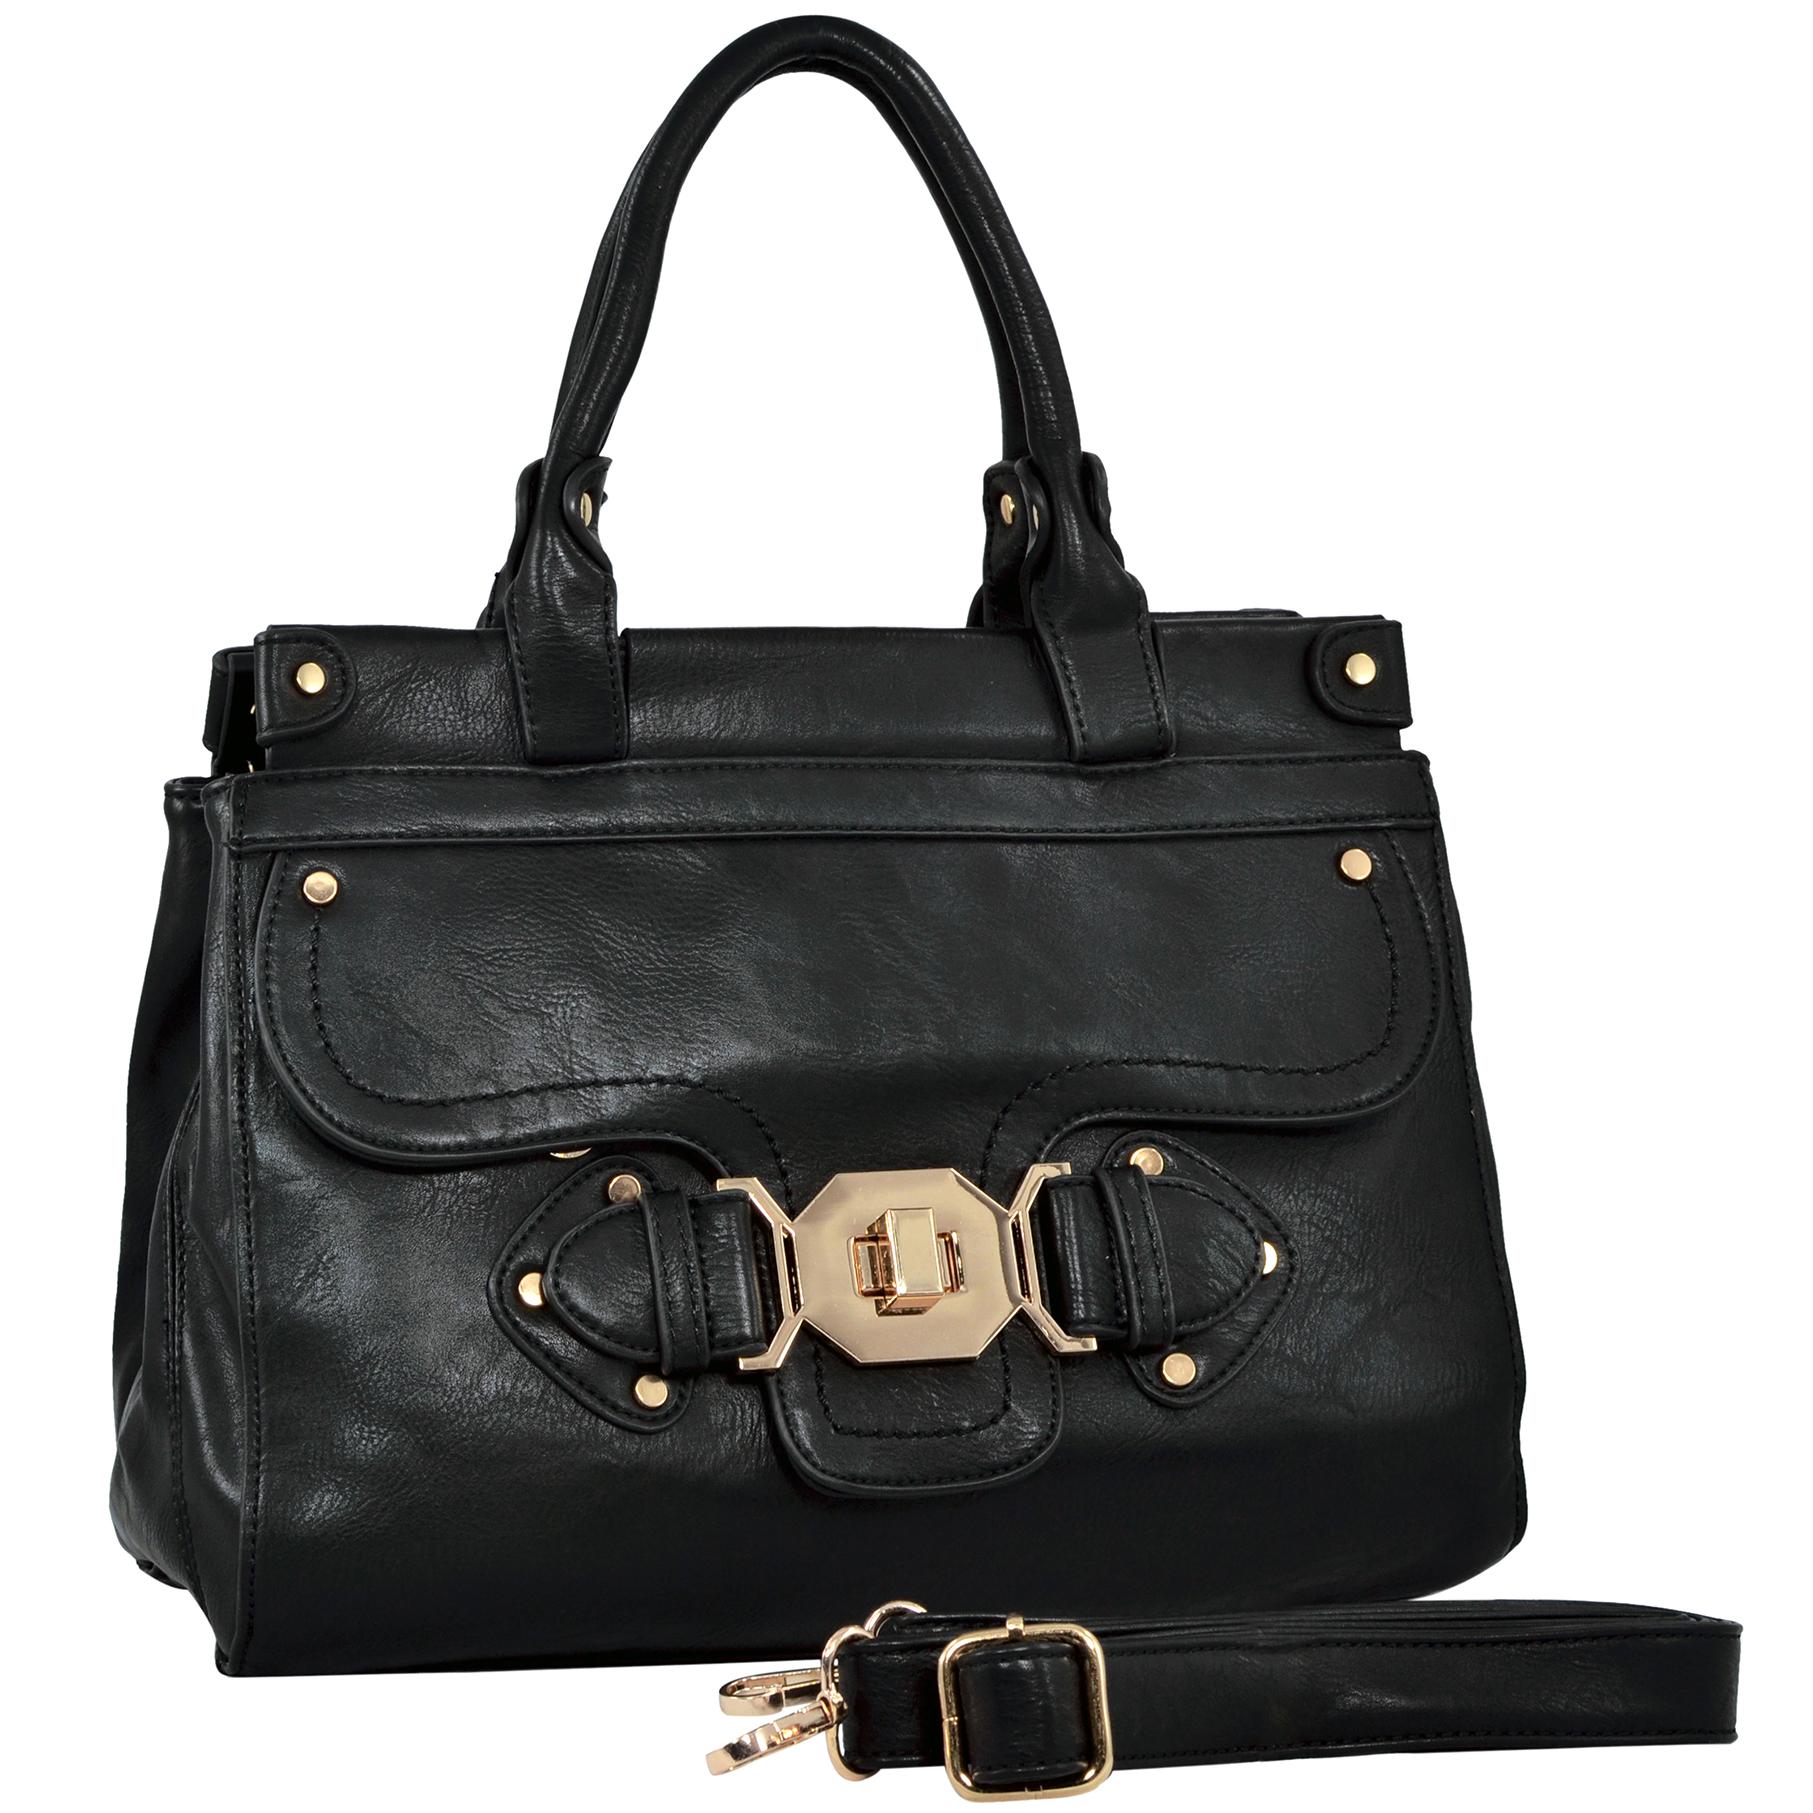 wendy brown satchel style shoulder bag main handbag image